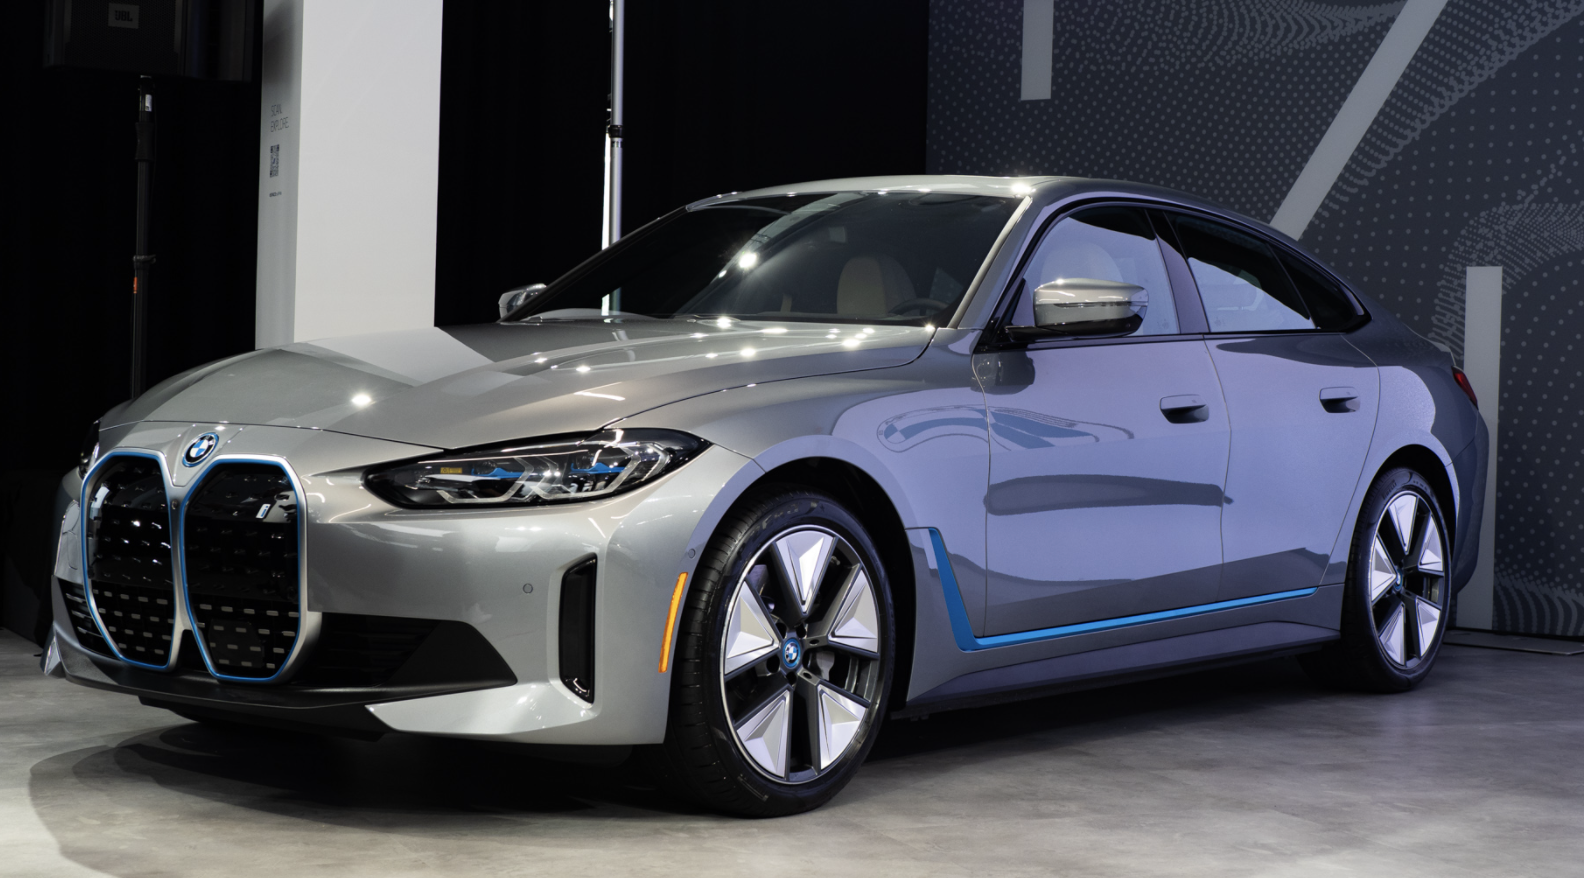 基于CLAR纯电平台打造 宝马i4实车亮相 将于明年一季度海外上市